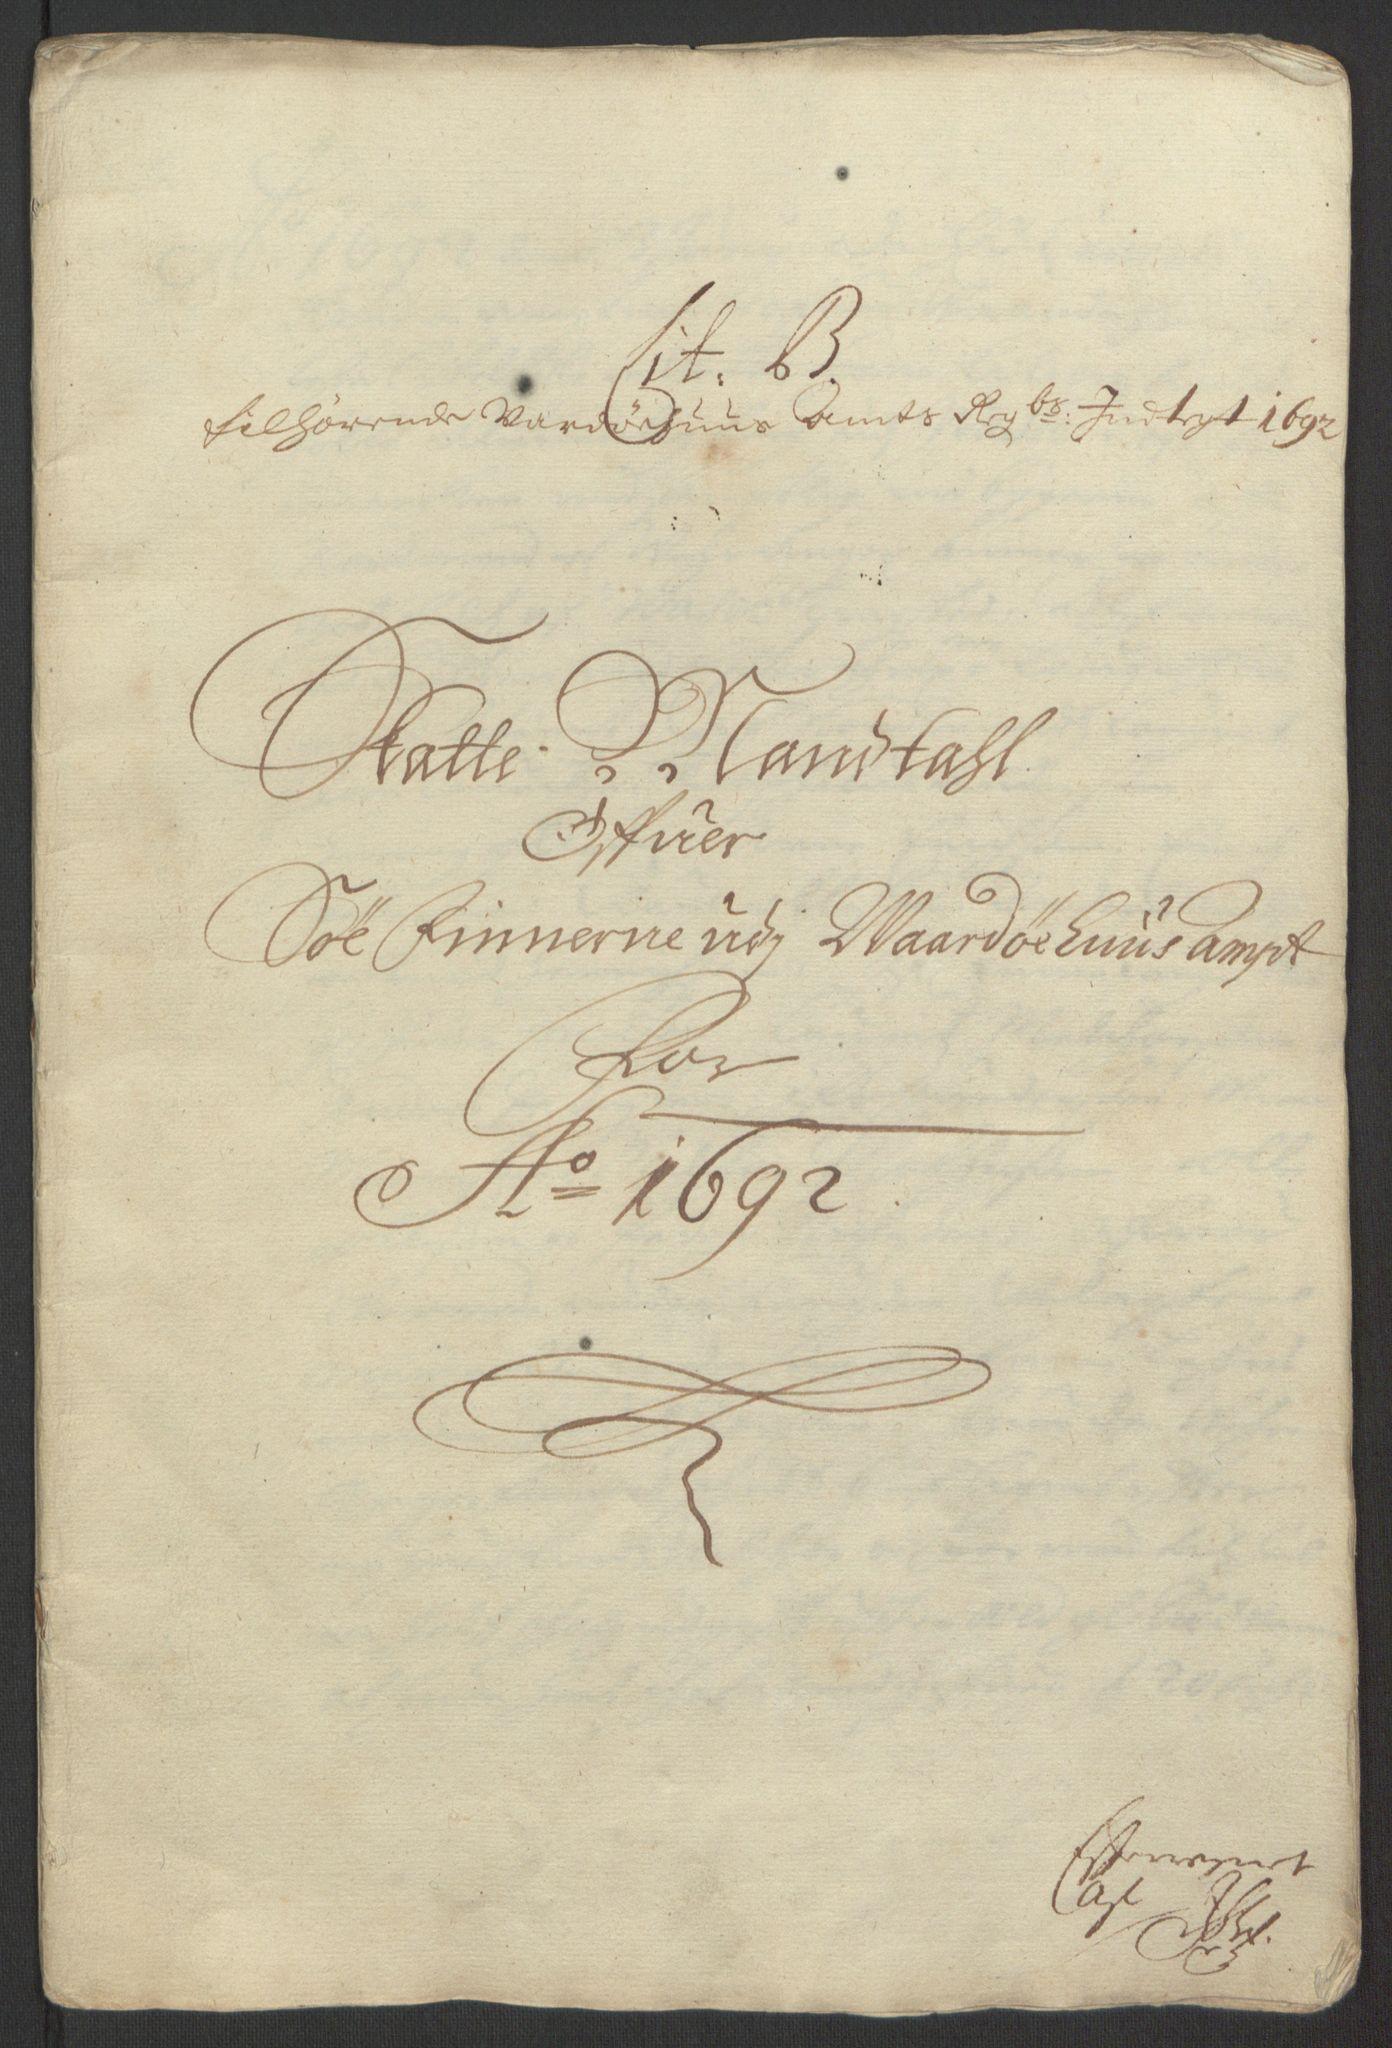 RA, Rentekammeret inntil 1814, Reviderte regnskaper, Fogderegnskap, R69/L4851: Fogderegnskap Finnmark/Vardøhus, 1691-1700, s. 145